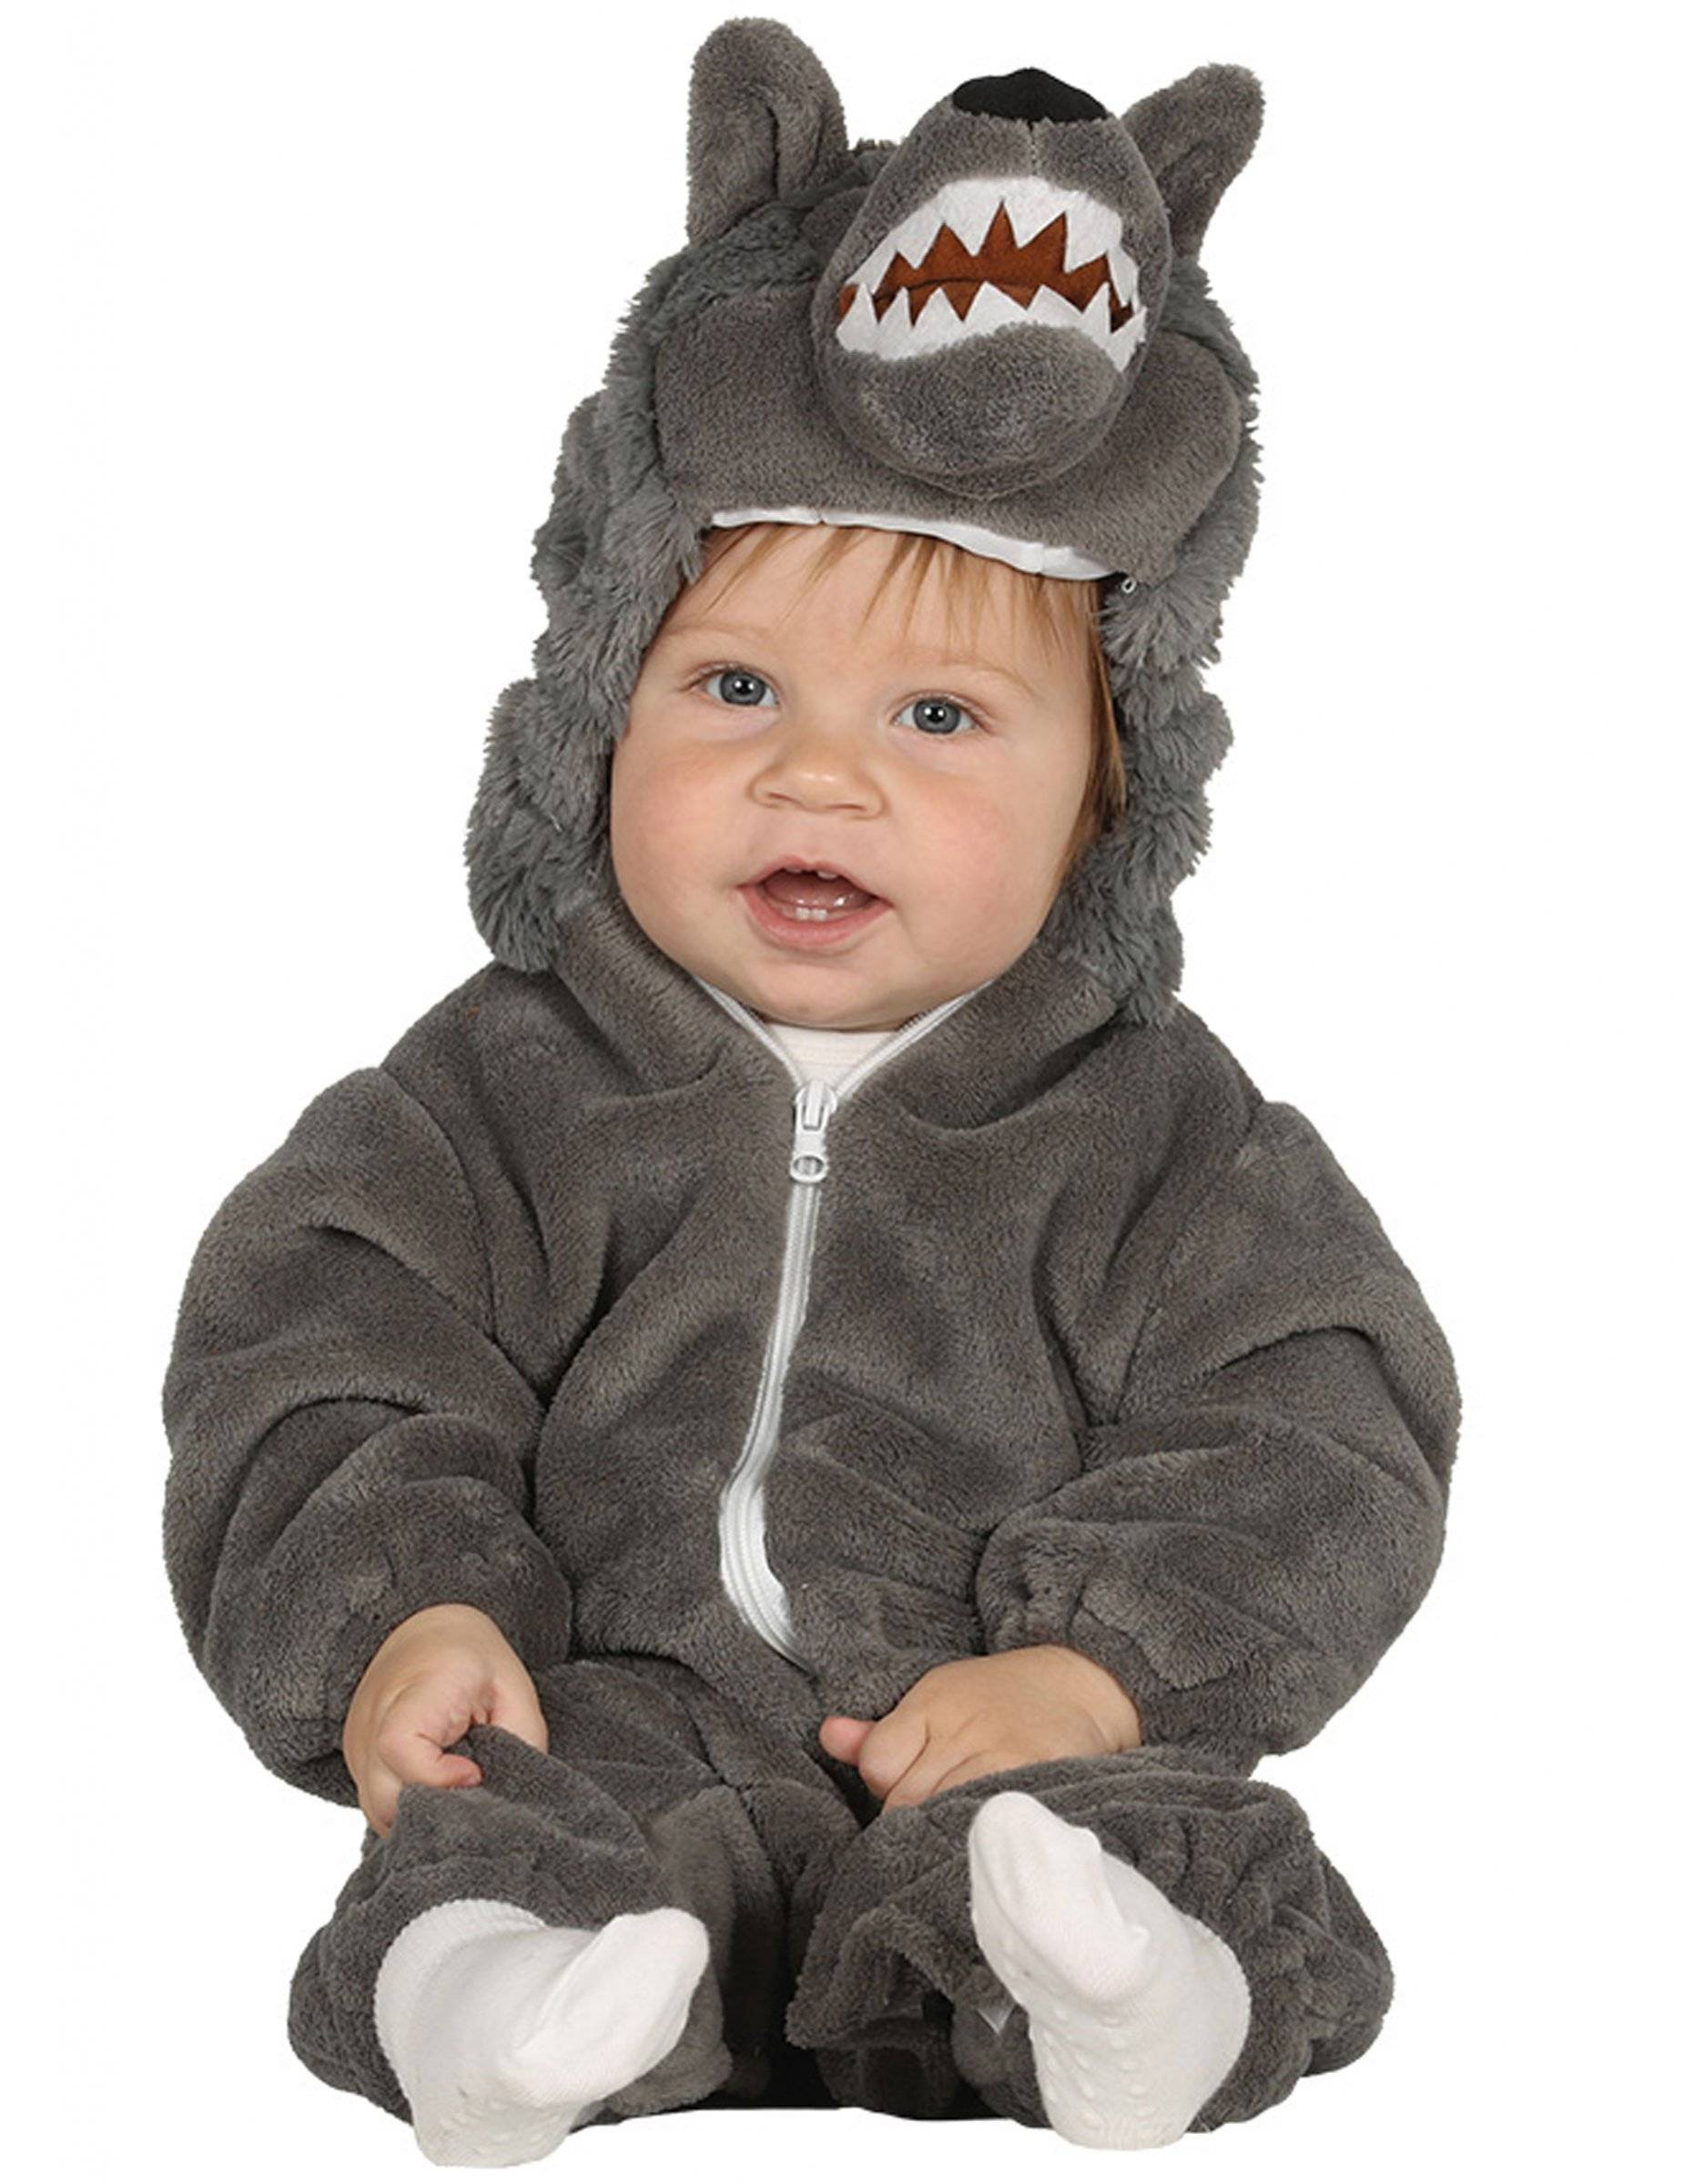 Deguisetoi Déguisement loup gris bébé - Taille: 6 à 12 mois (82-83 cm)